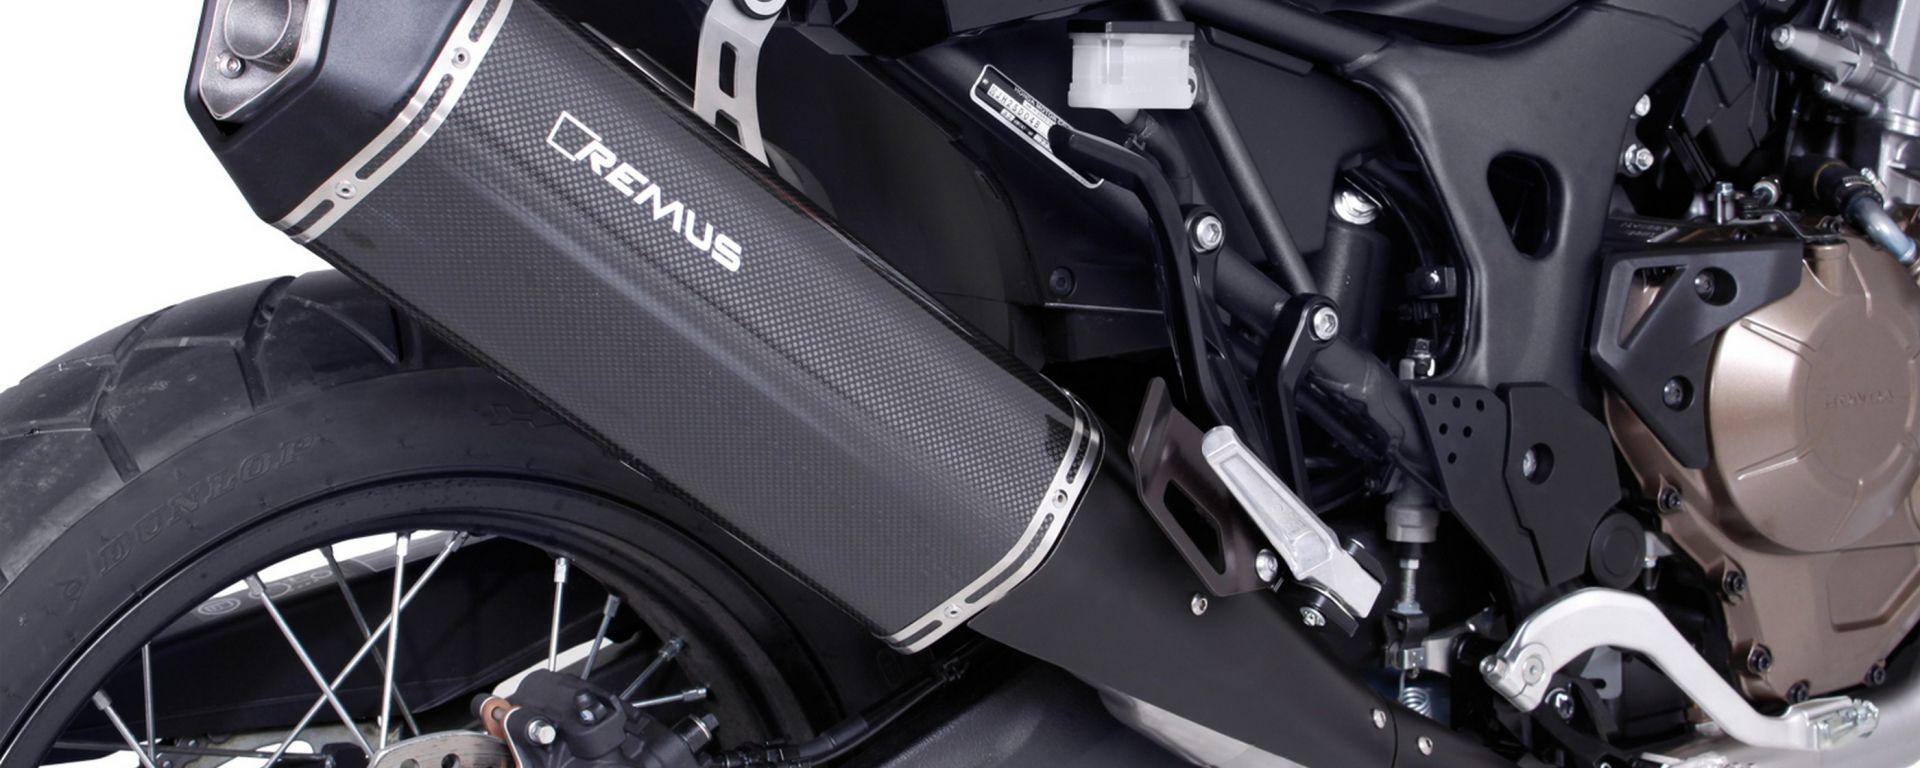 Honda Crf 1000L Africa Twin 2016: impianto completo in versione carbon con silenziatore